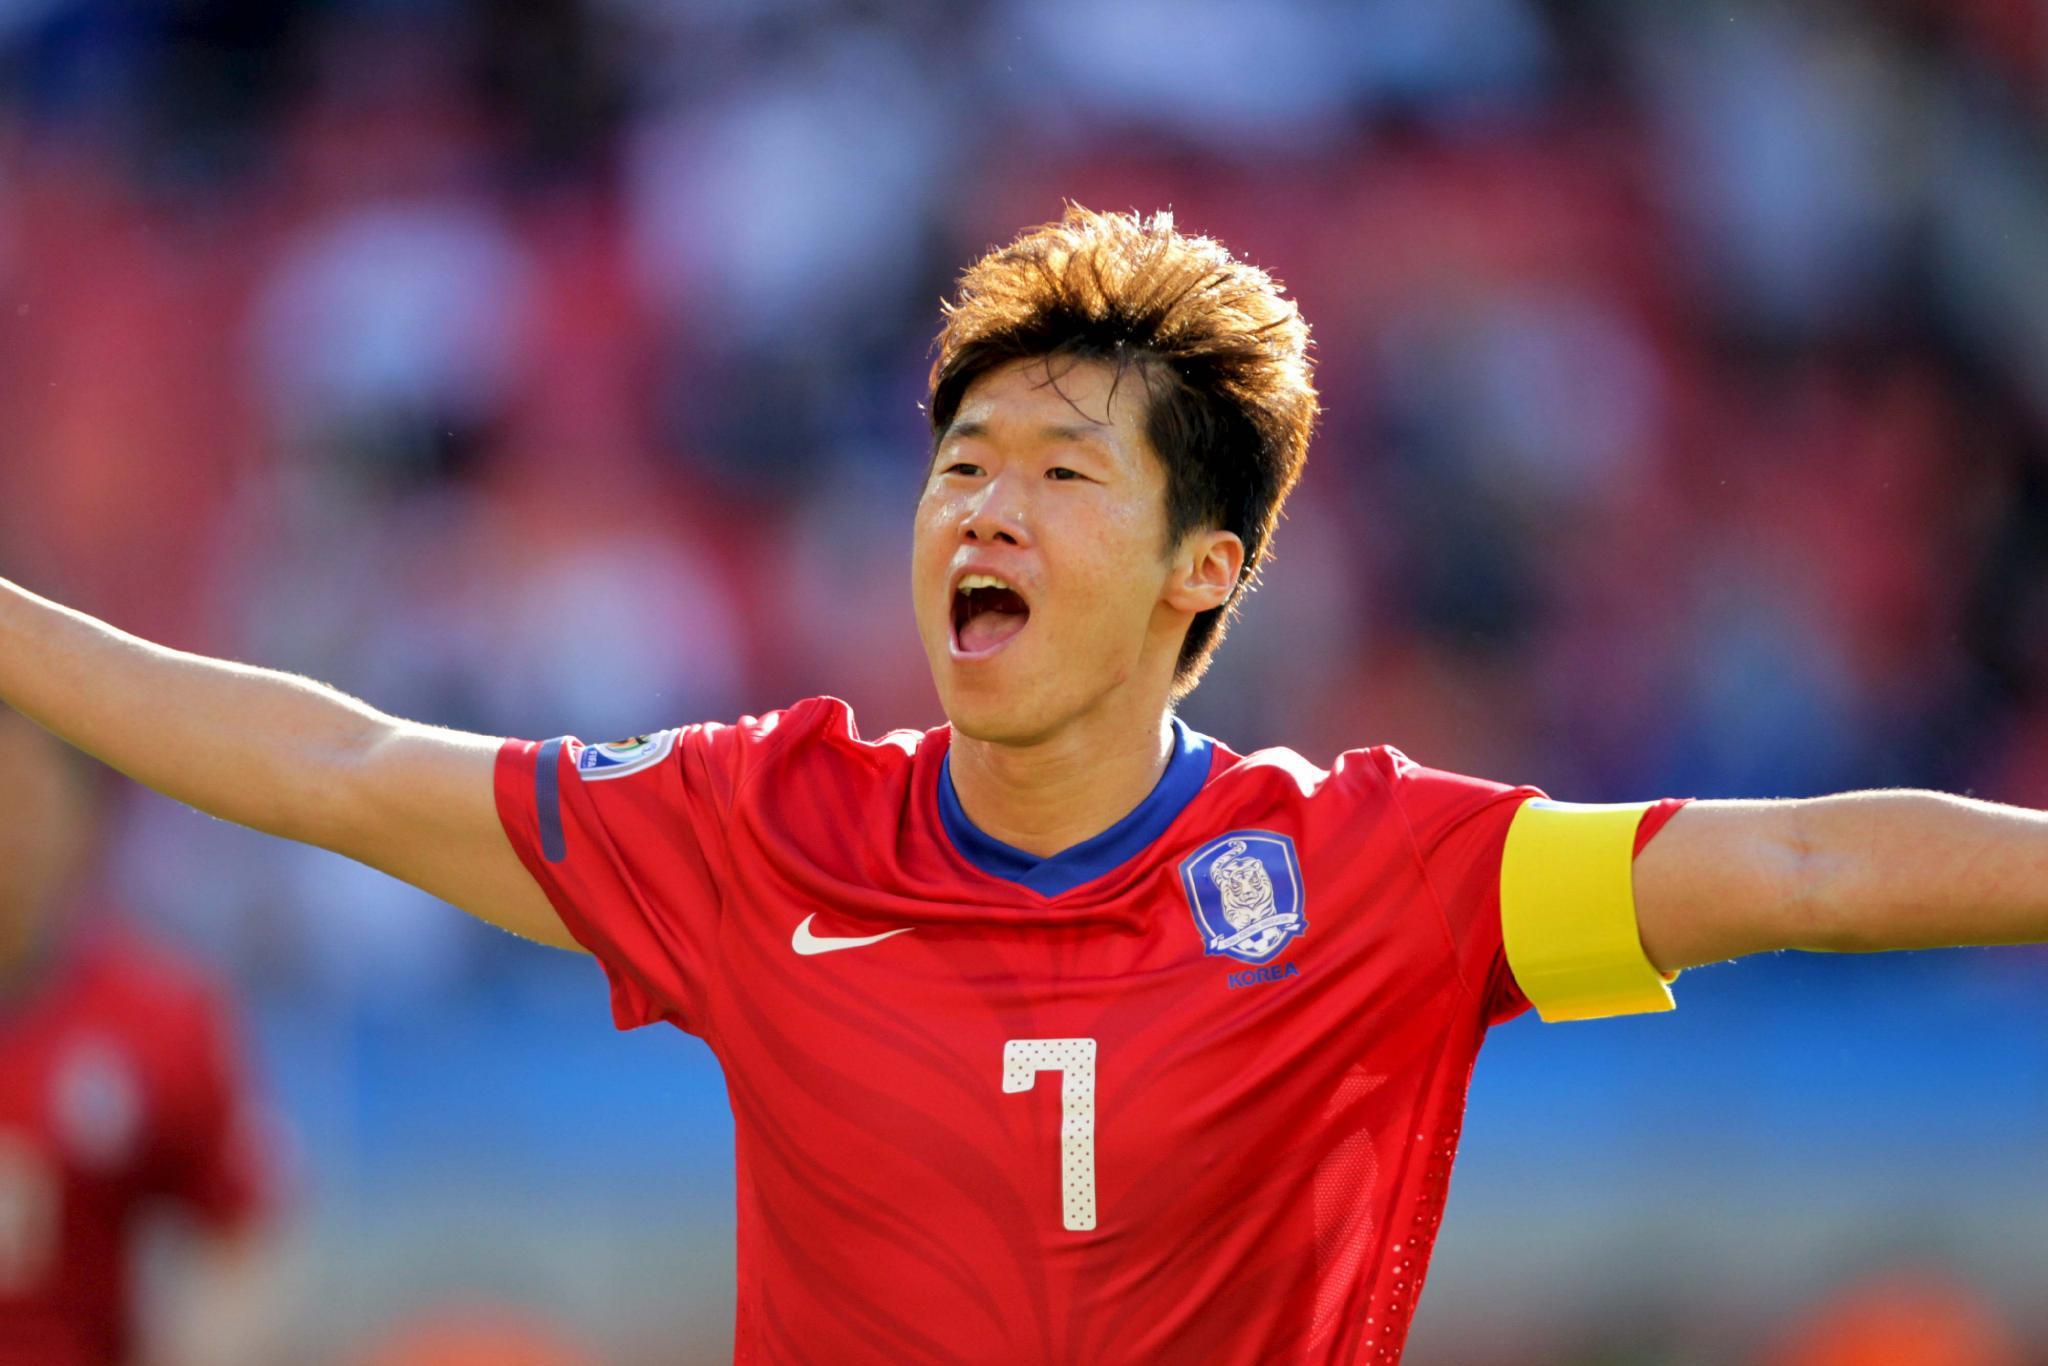 Corea ganó con comodidad a un equipo griego sin ideas ni fútbol